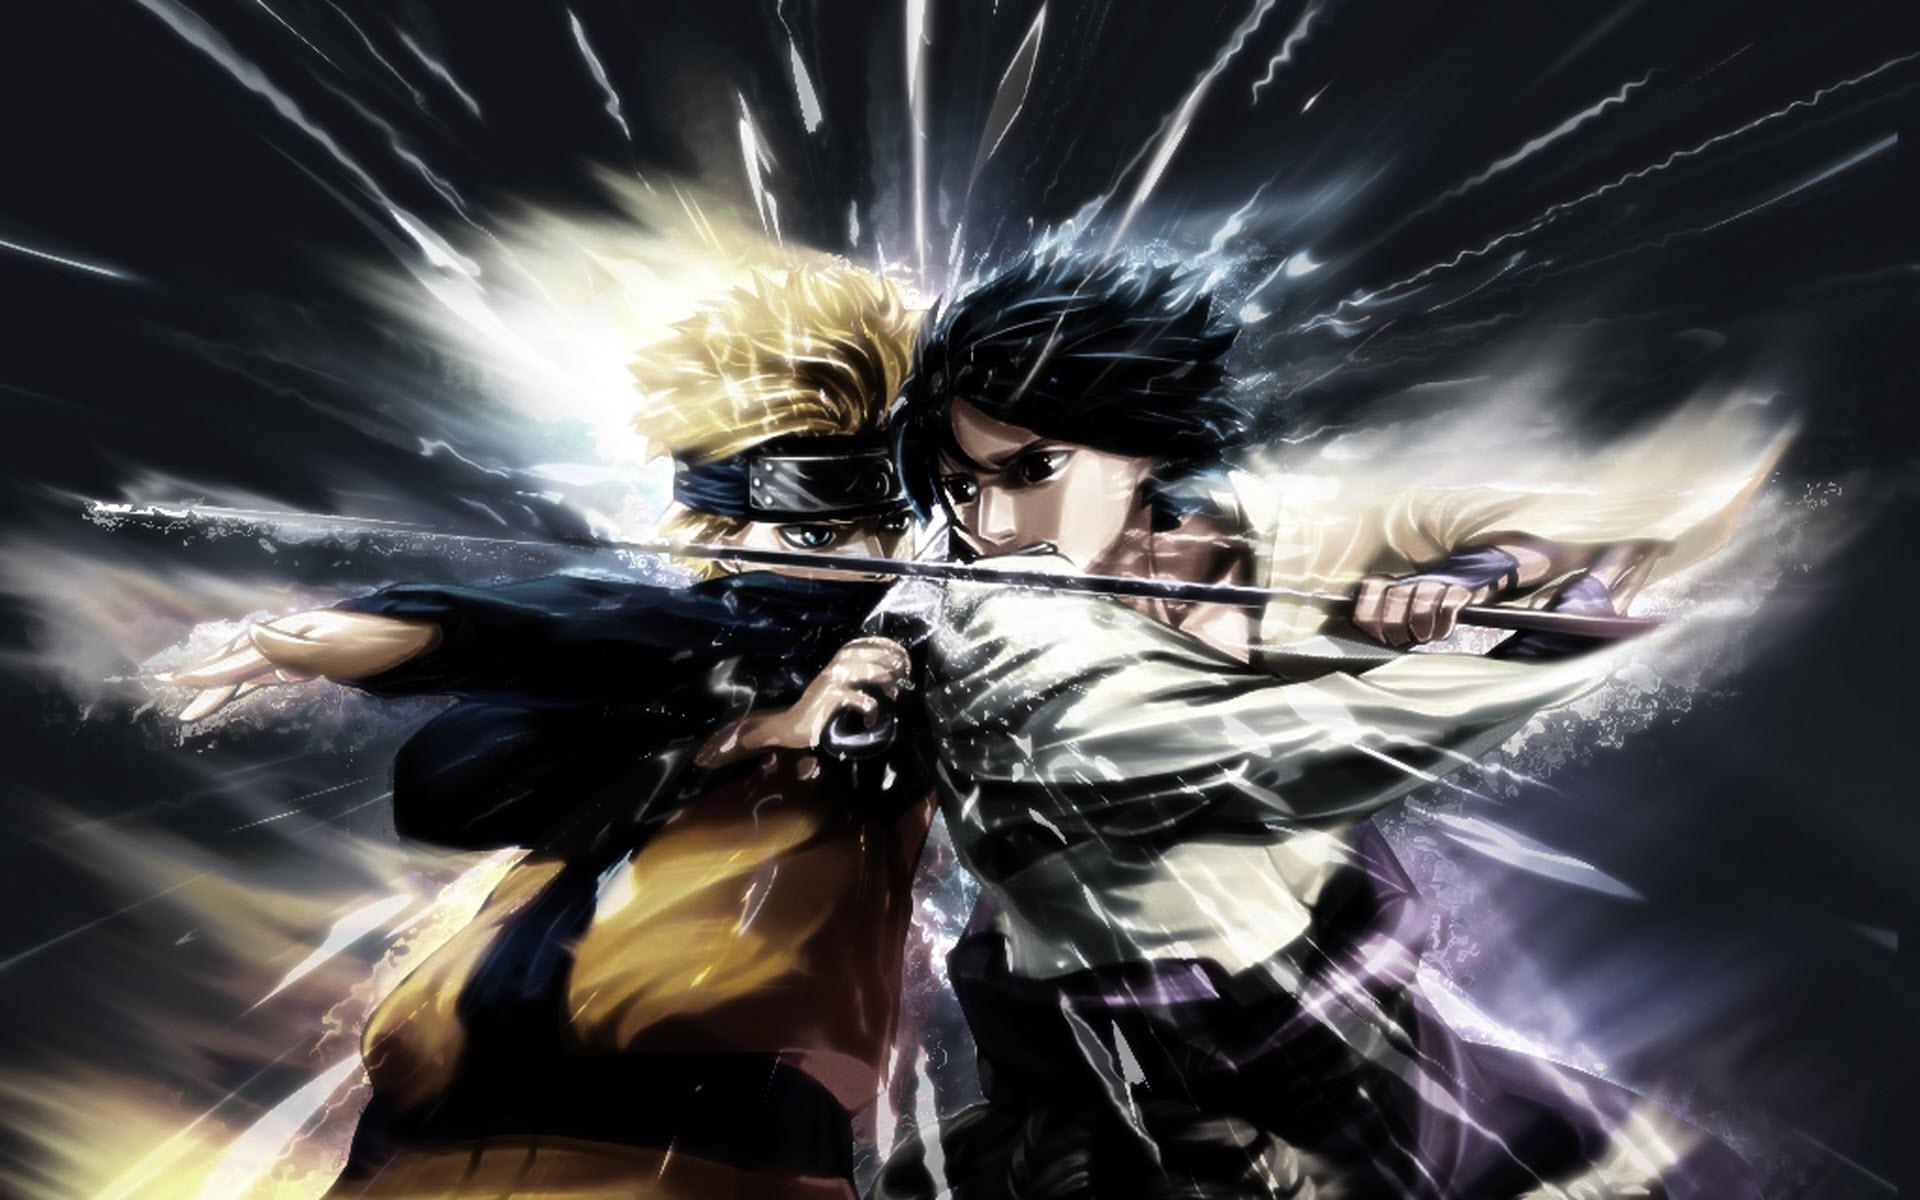 naruto vs sasuke fighting hd desktop wallpaper : widescreen 1920x1200